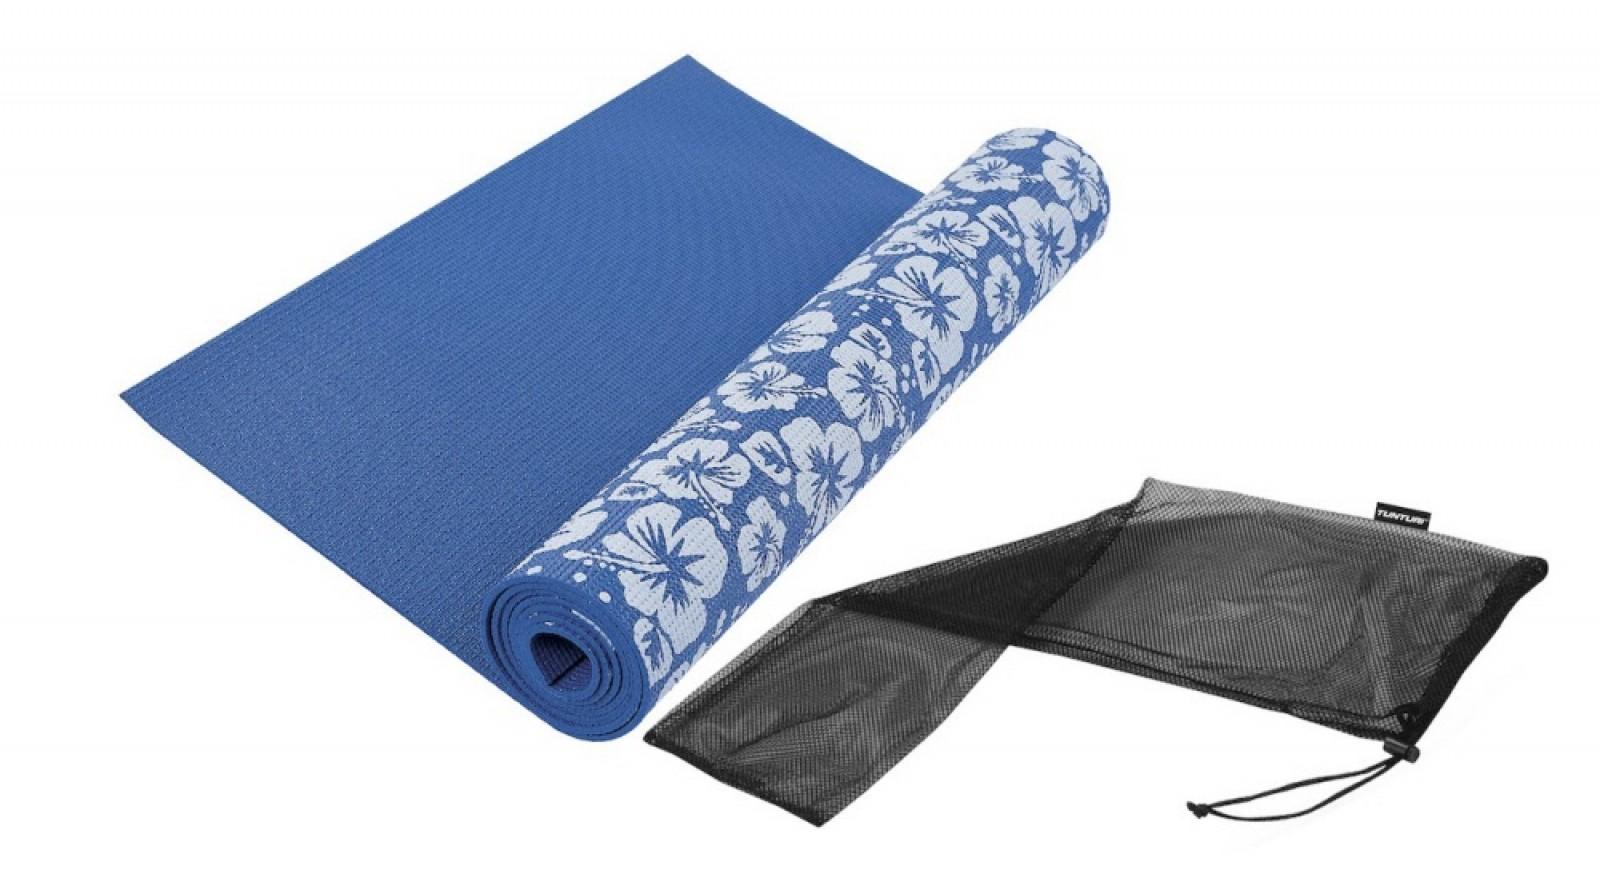 Tunturi Yogamat Met Print Blauw Voordelig Kopen Fitshop